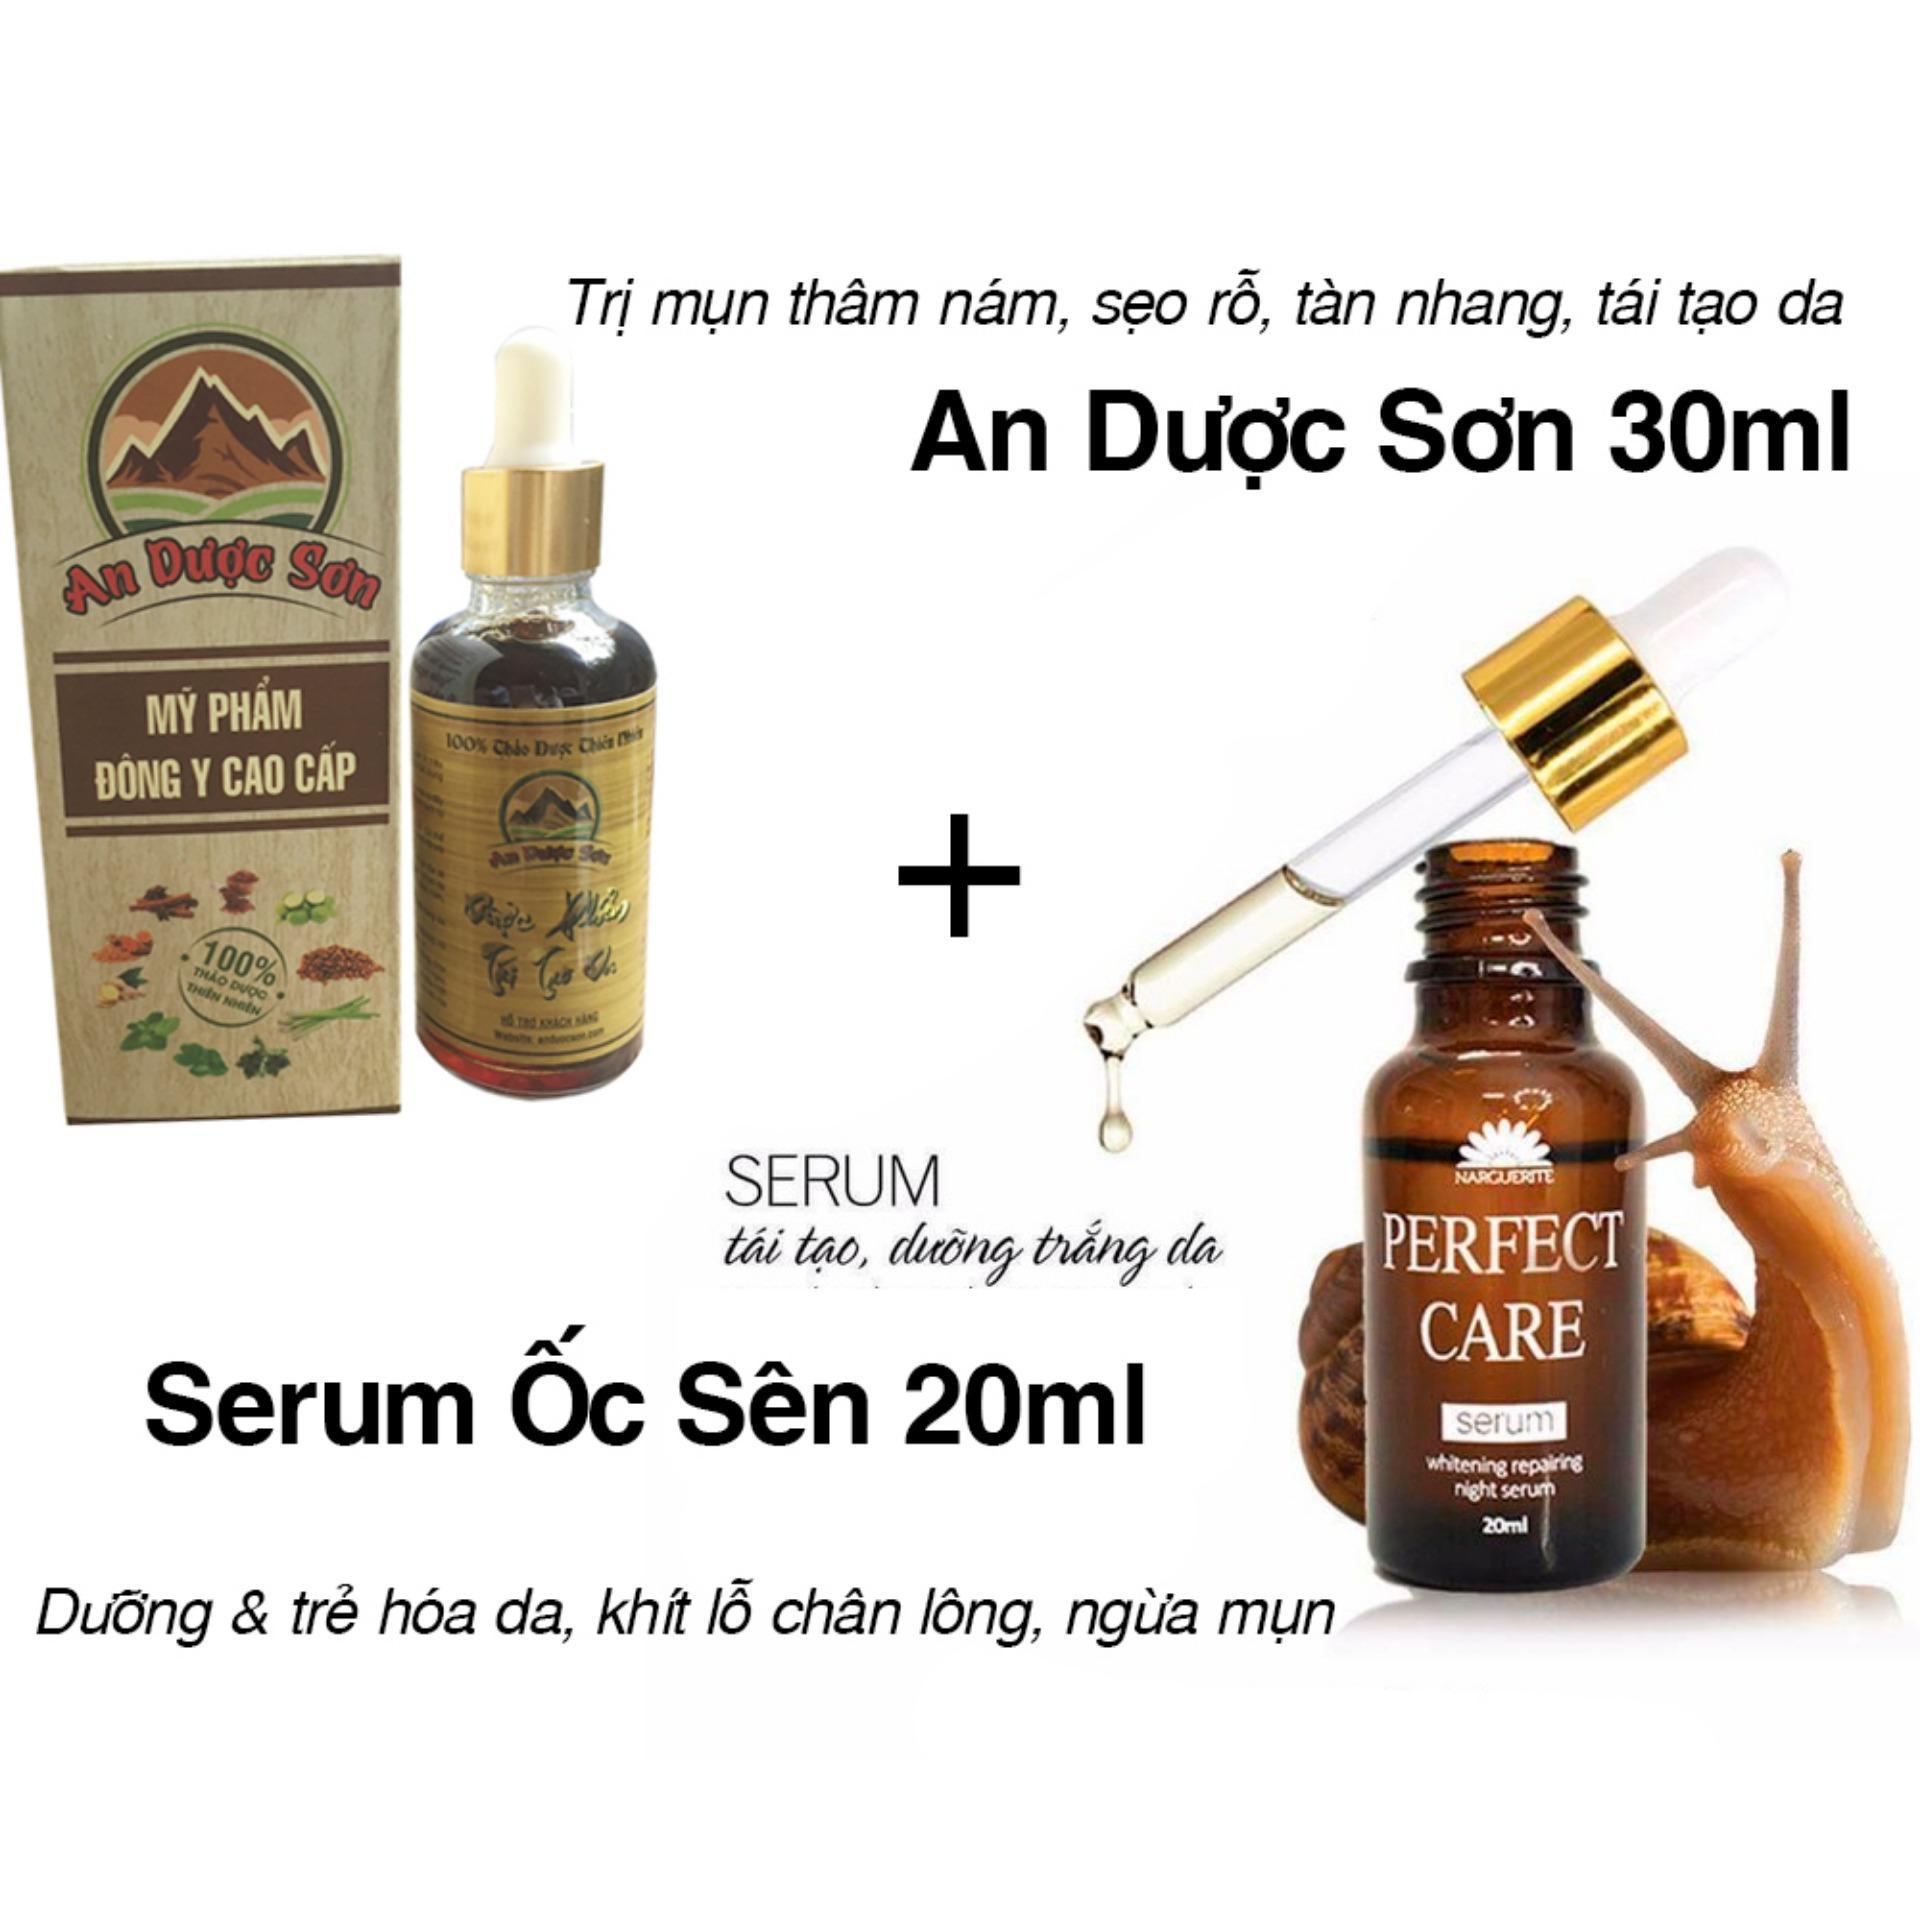 Combo 1 Bộ Serum An Dược Sơn trị mụn thâm sẹo rỗ 30ml + 1 Serum dưỡng đẹp mịn da Ốc Sên Perfect Care 20ml